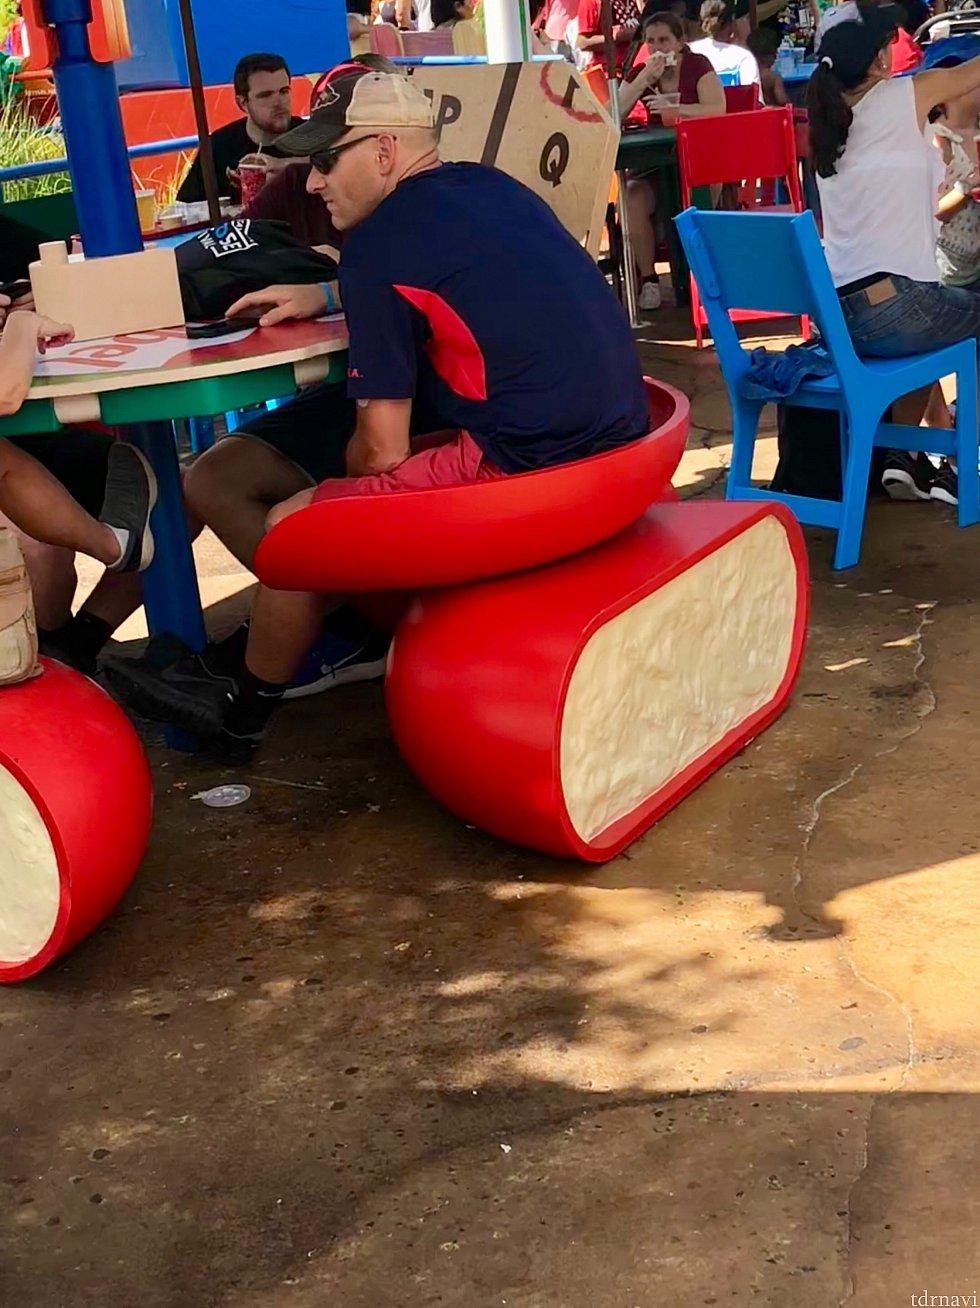 これは先程のbabybelのチーズの椅子ですね。赤い部分はロウになっていて、真ん中の紐を引っ張るとチーズが半分になります。それを椅子にしてるって事ですね。